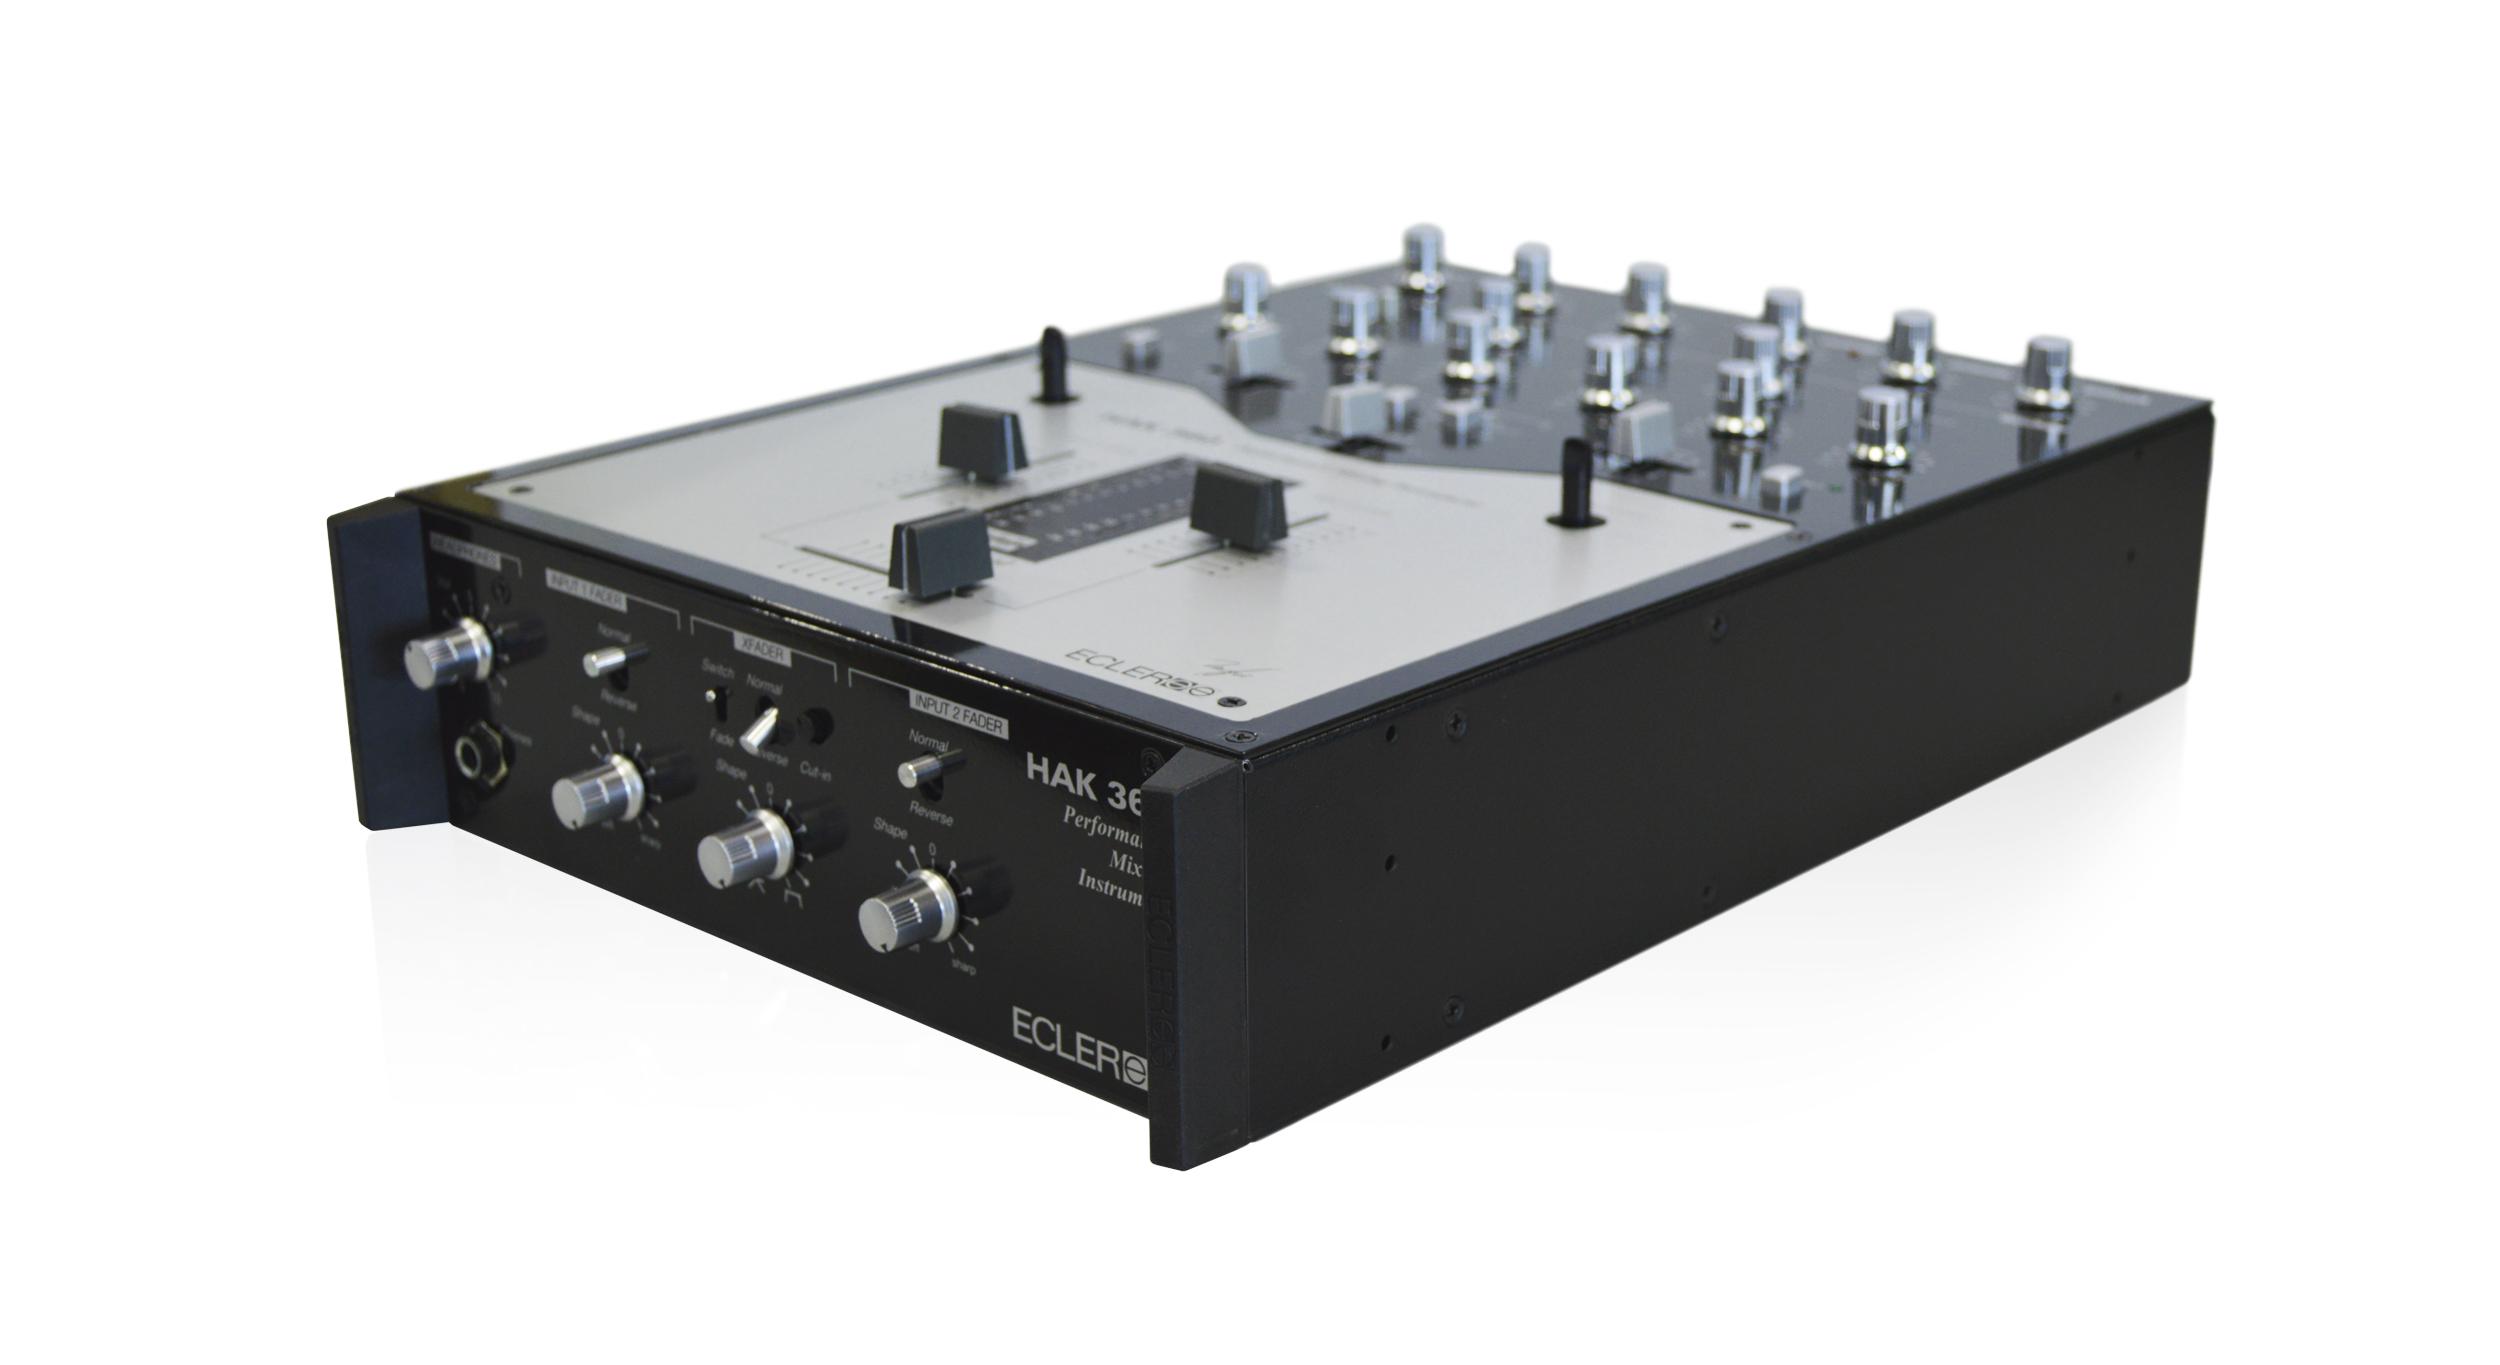 ecler hak 360 professional dj mixer ecler hak360 mechanical diagram